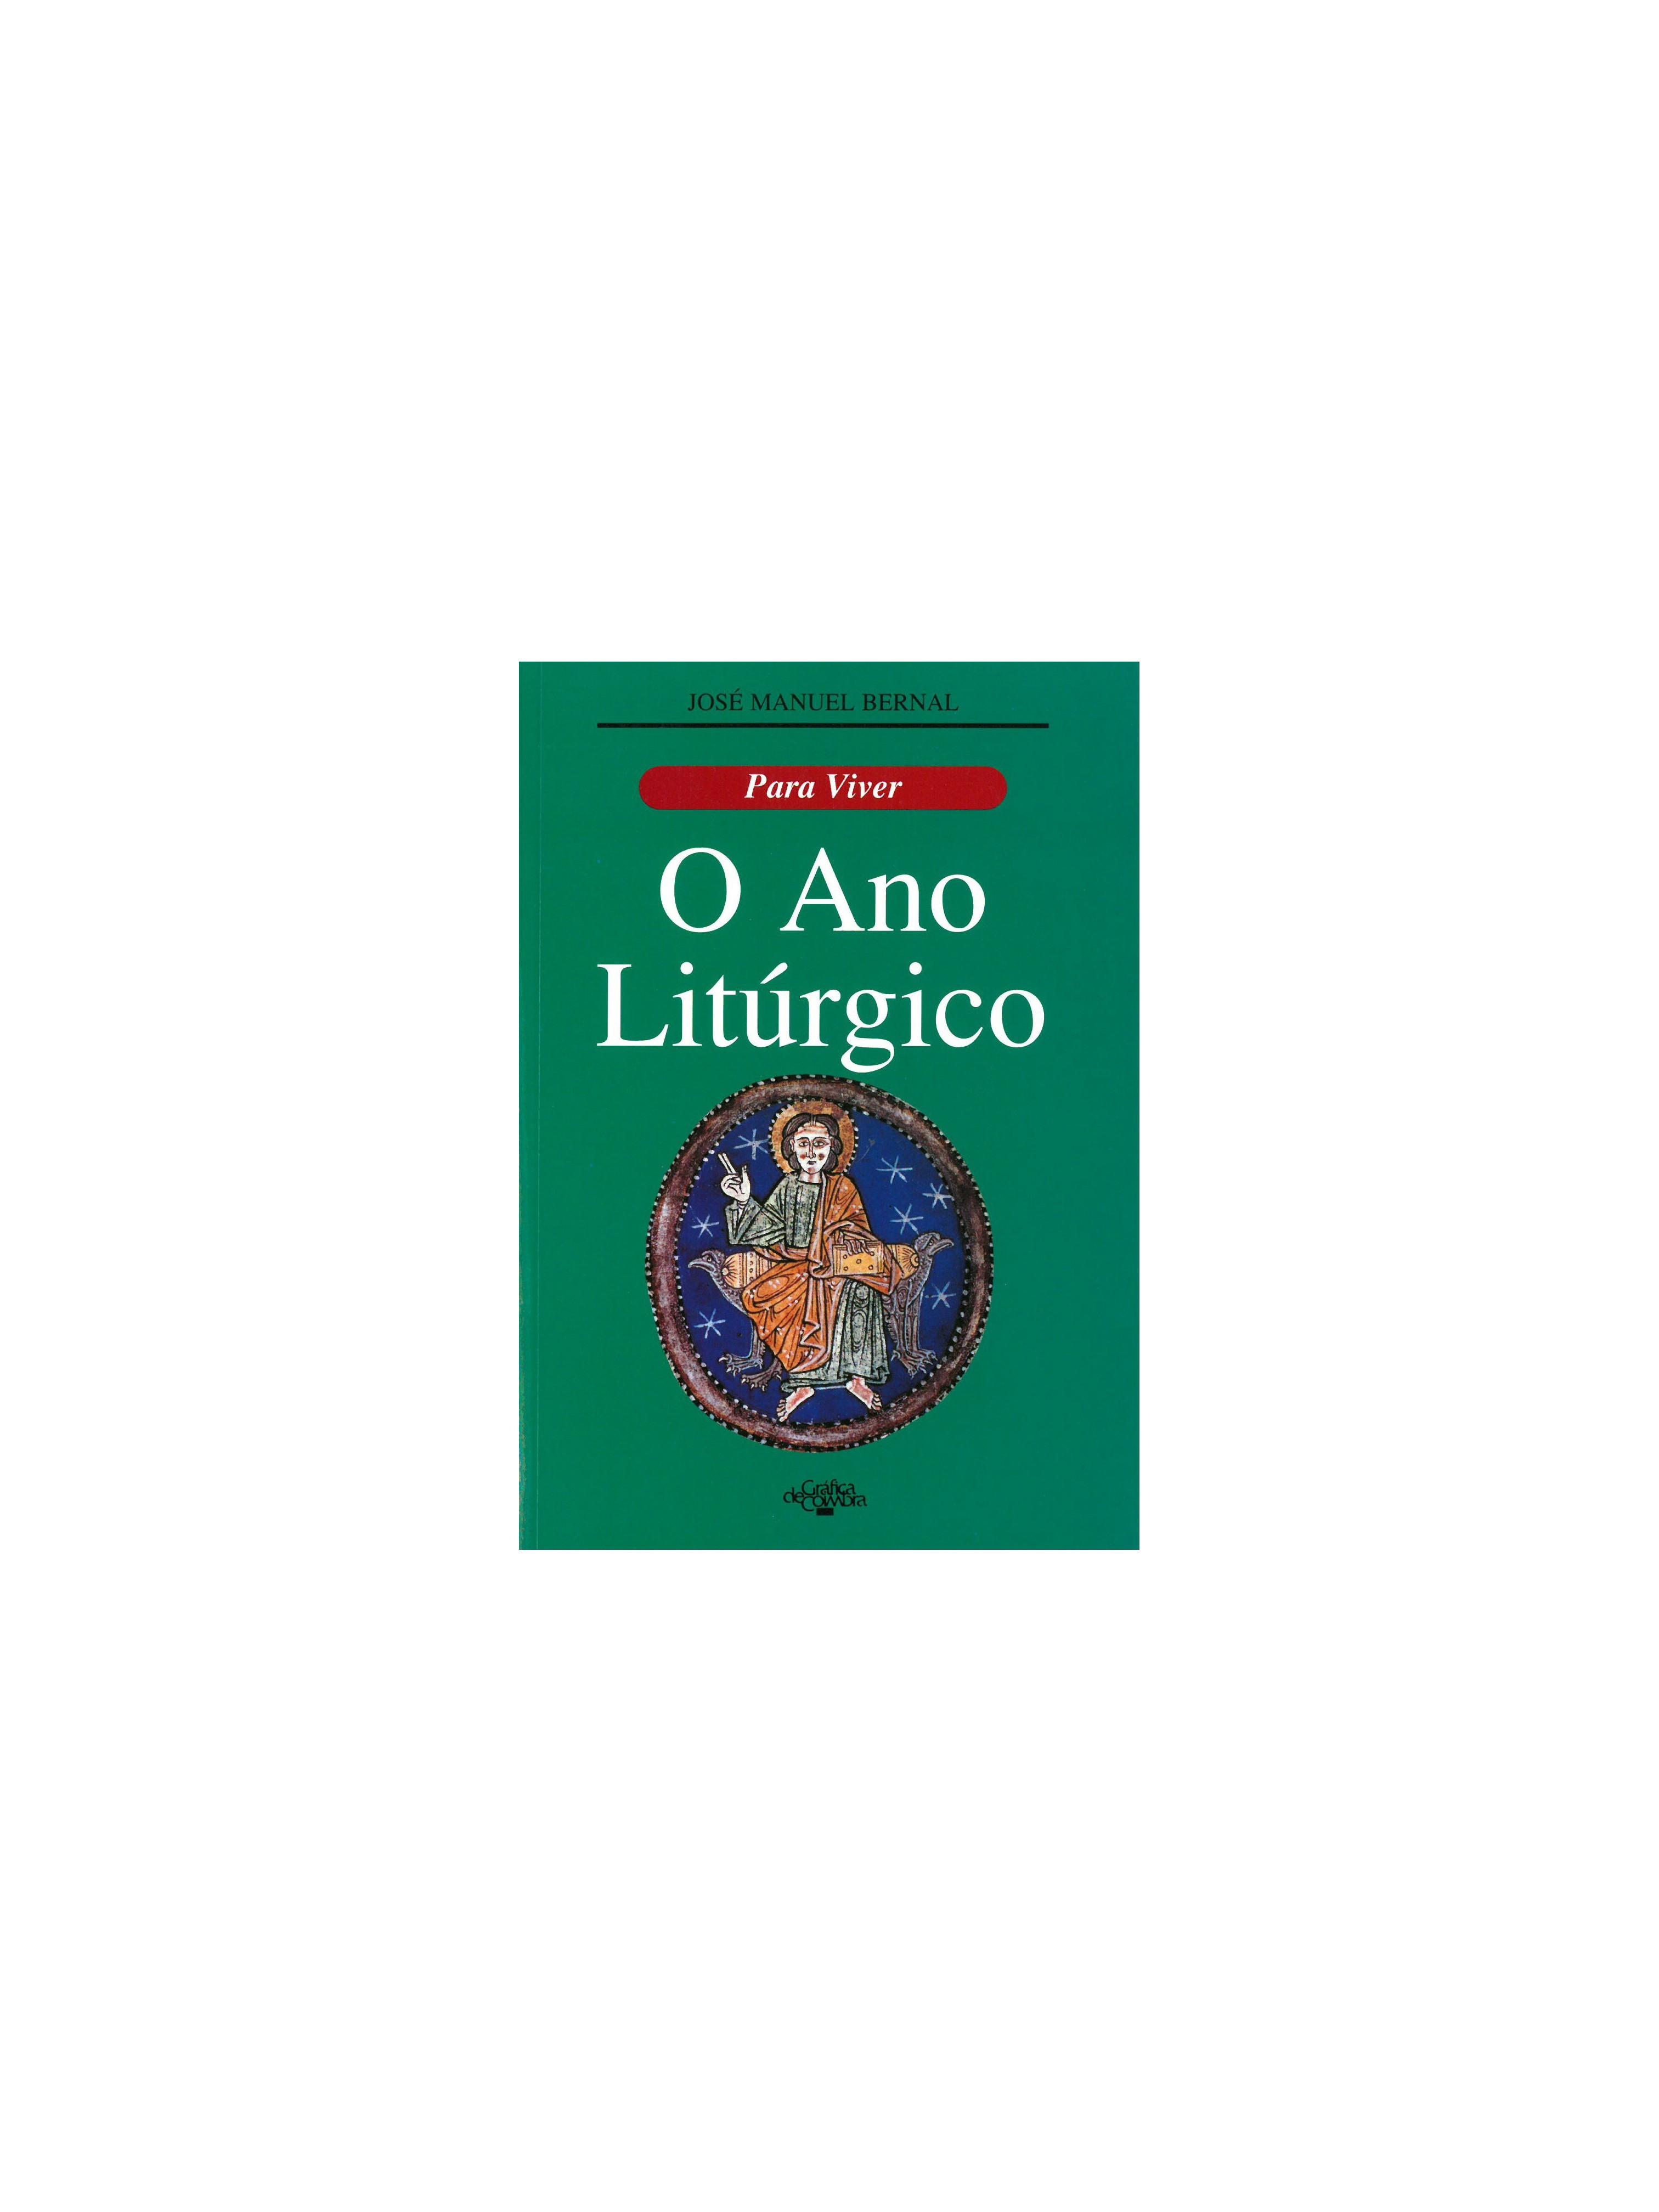 Para viver: Oano litúrgico